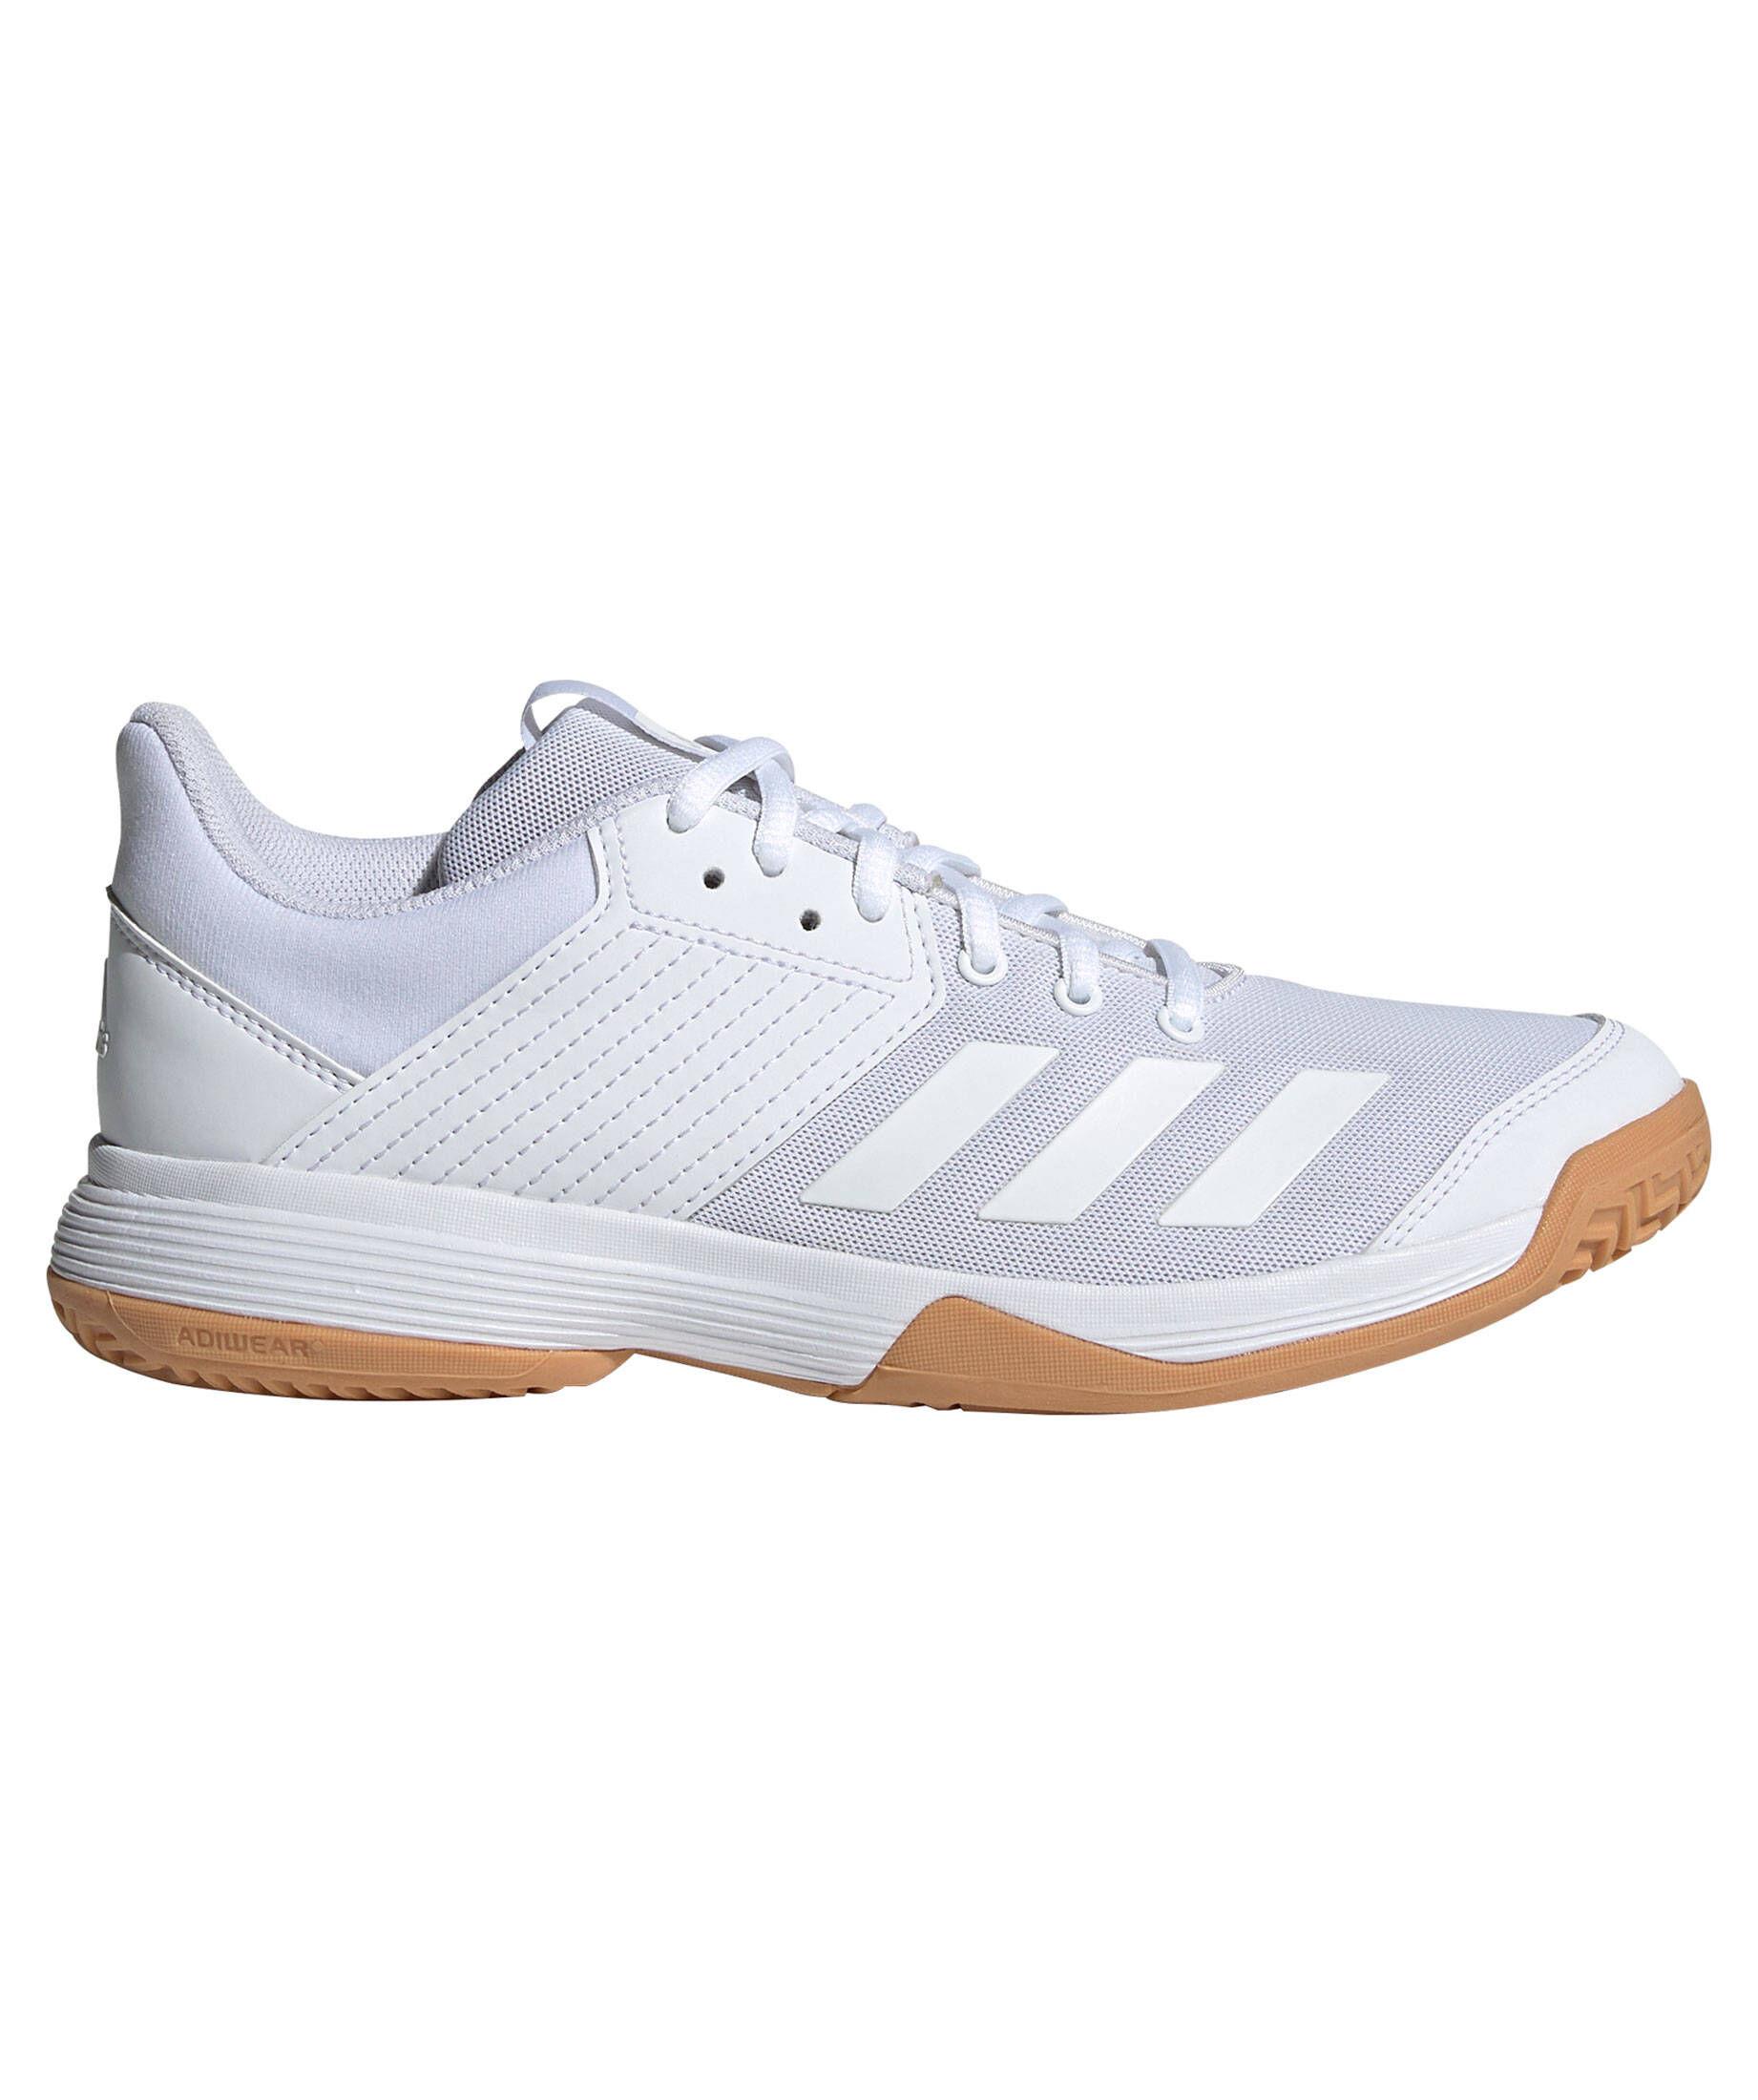 Suchergebnis auf für: adidas Volleyballschuhe